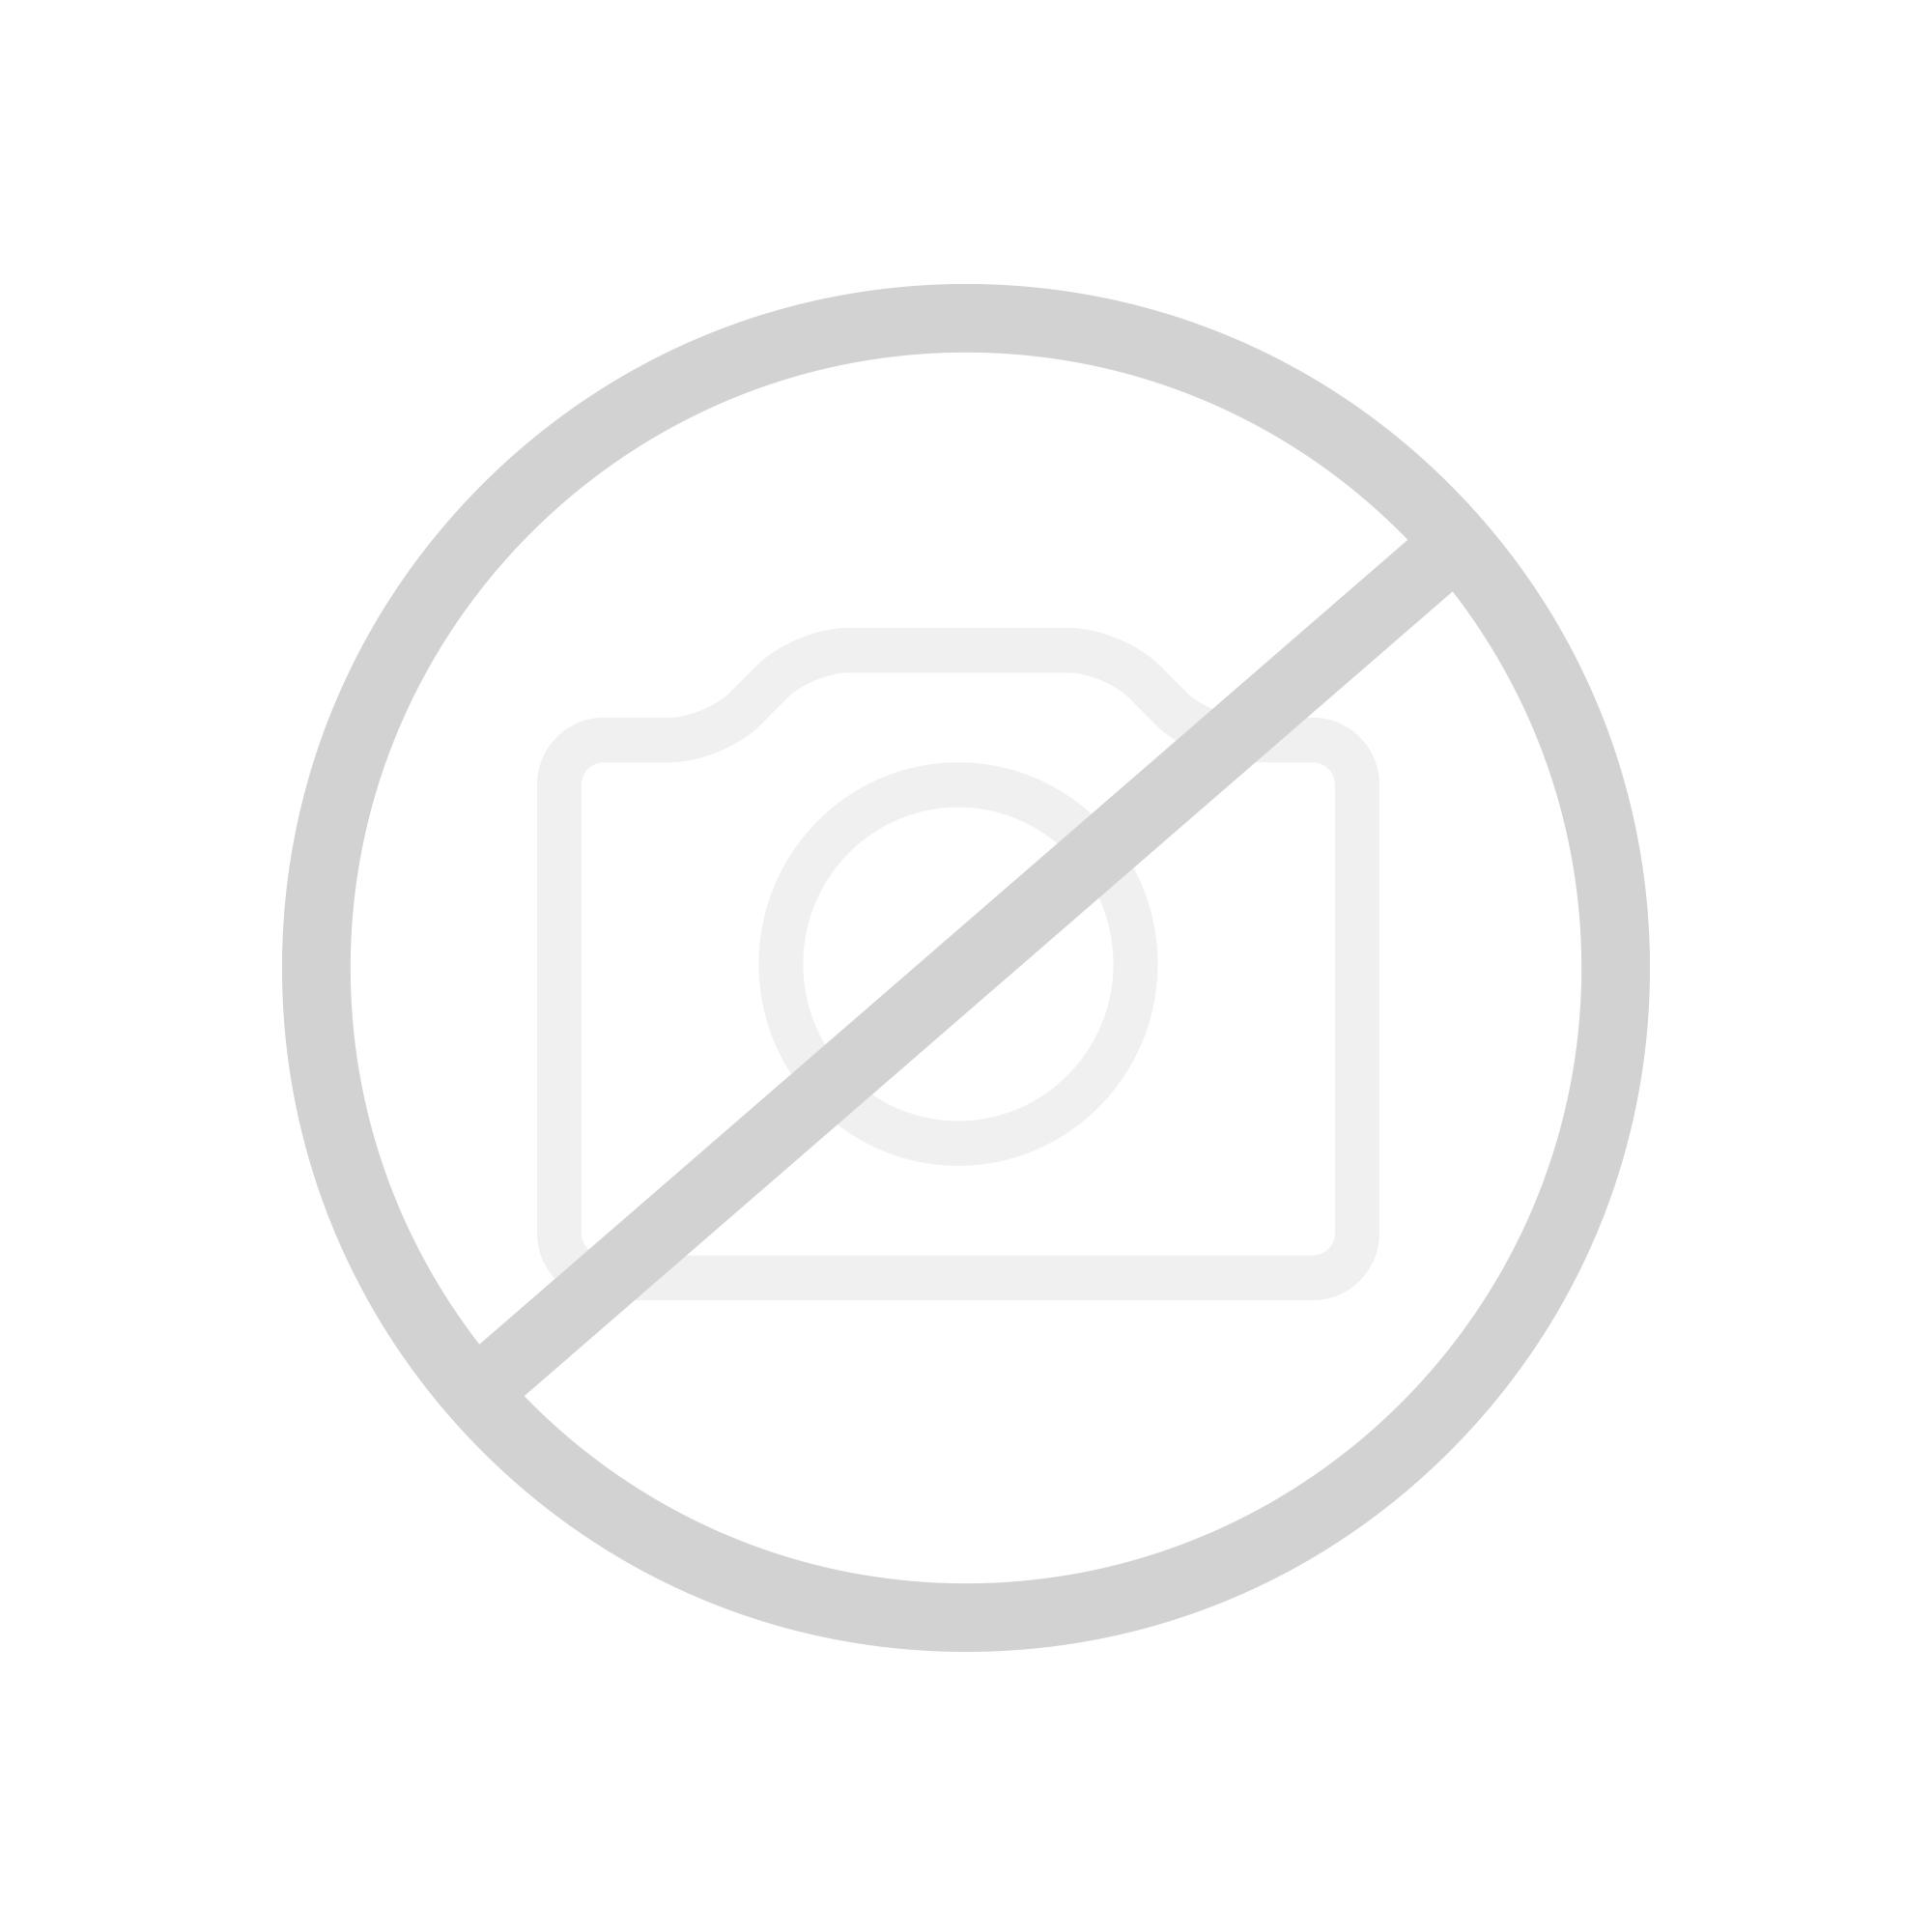 keramag xeno handwaschbecken wei mit keratect mit 1 hahnloch ohne berlauf 127045600. Black Bedroom Furniture Sets. Home Design Ideas